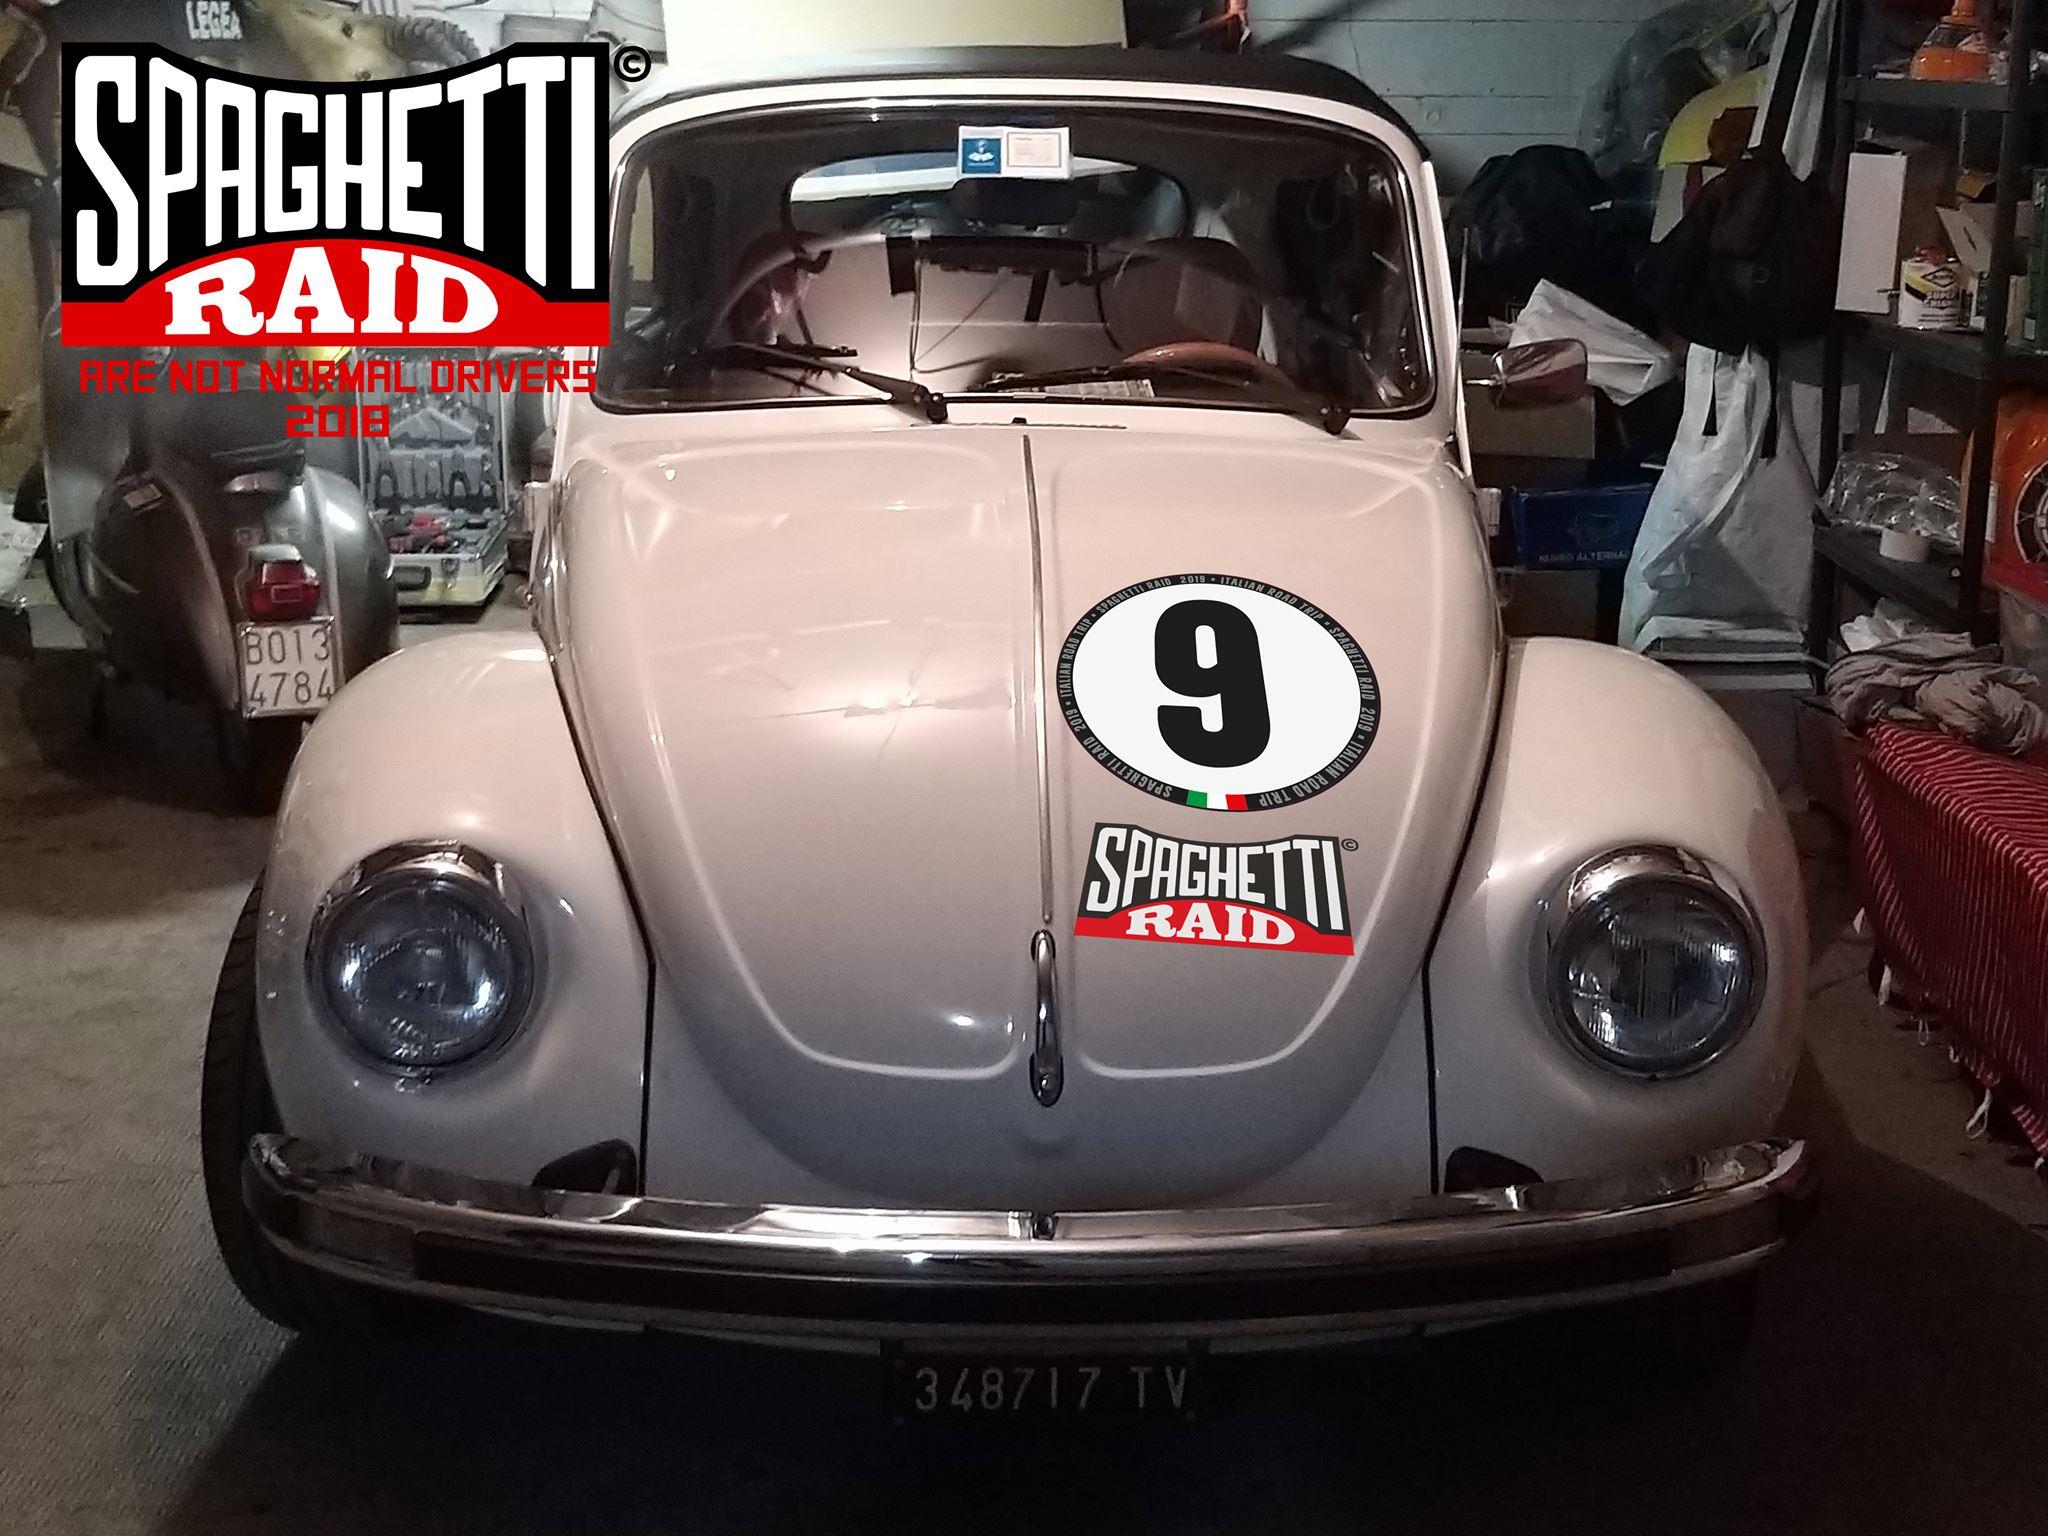 Team OTTO #9 MAGGIOLONE CABRIO cc1200 del '76 CIttà Modena